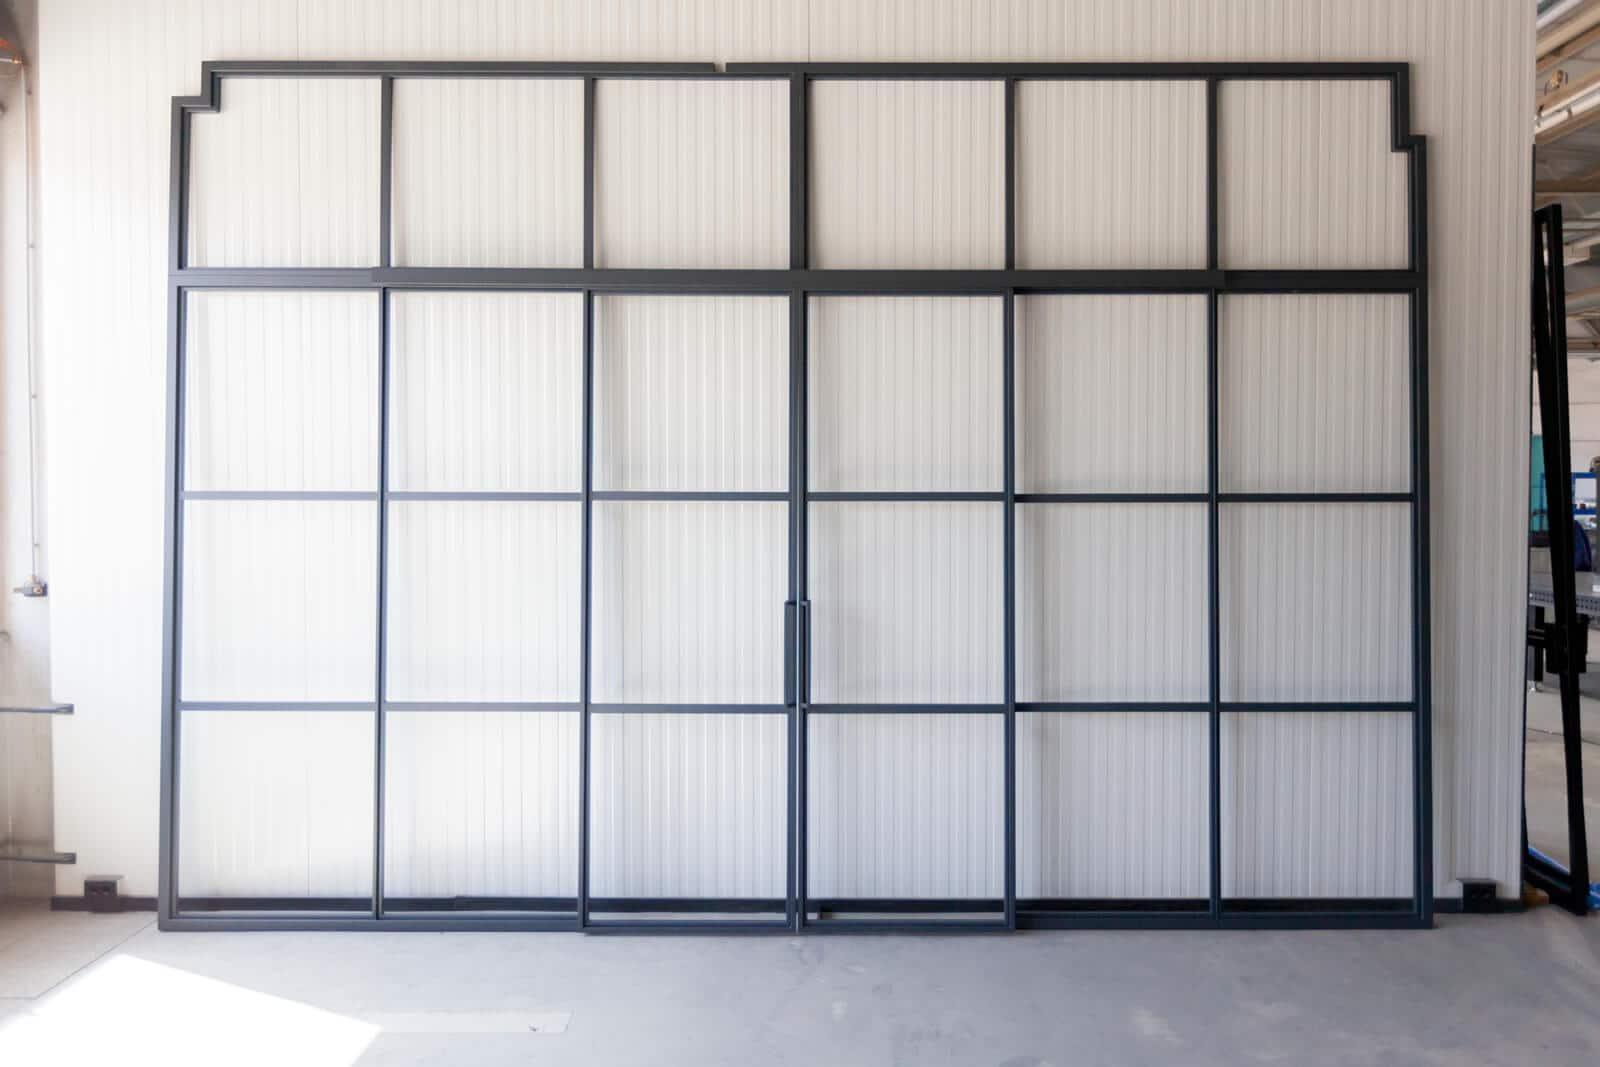 Loftstahl N51E12 Stahl Loft Tür, Glastrernnwand mit Schiebetür, Doppeltür, Windfang, Lofttür, Bauhaus Tür, Glaswand, Raumtrenner, Loftdoor, steeldoor, industrial door, Glaswand